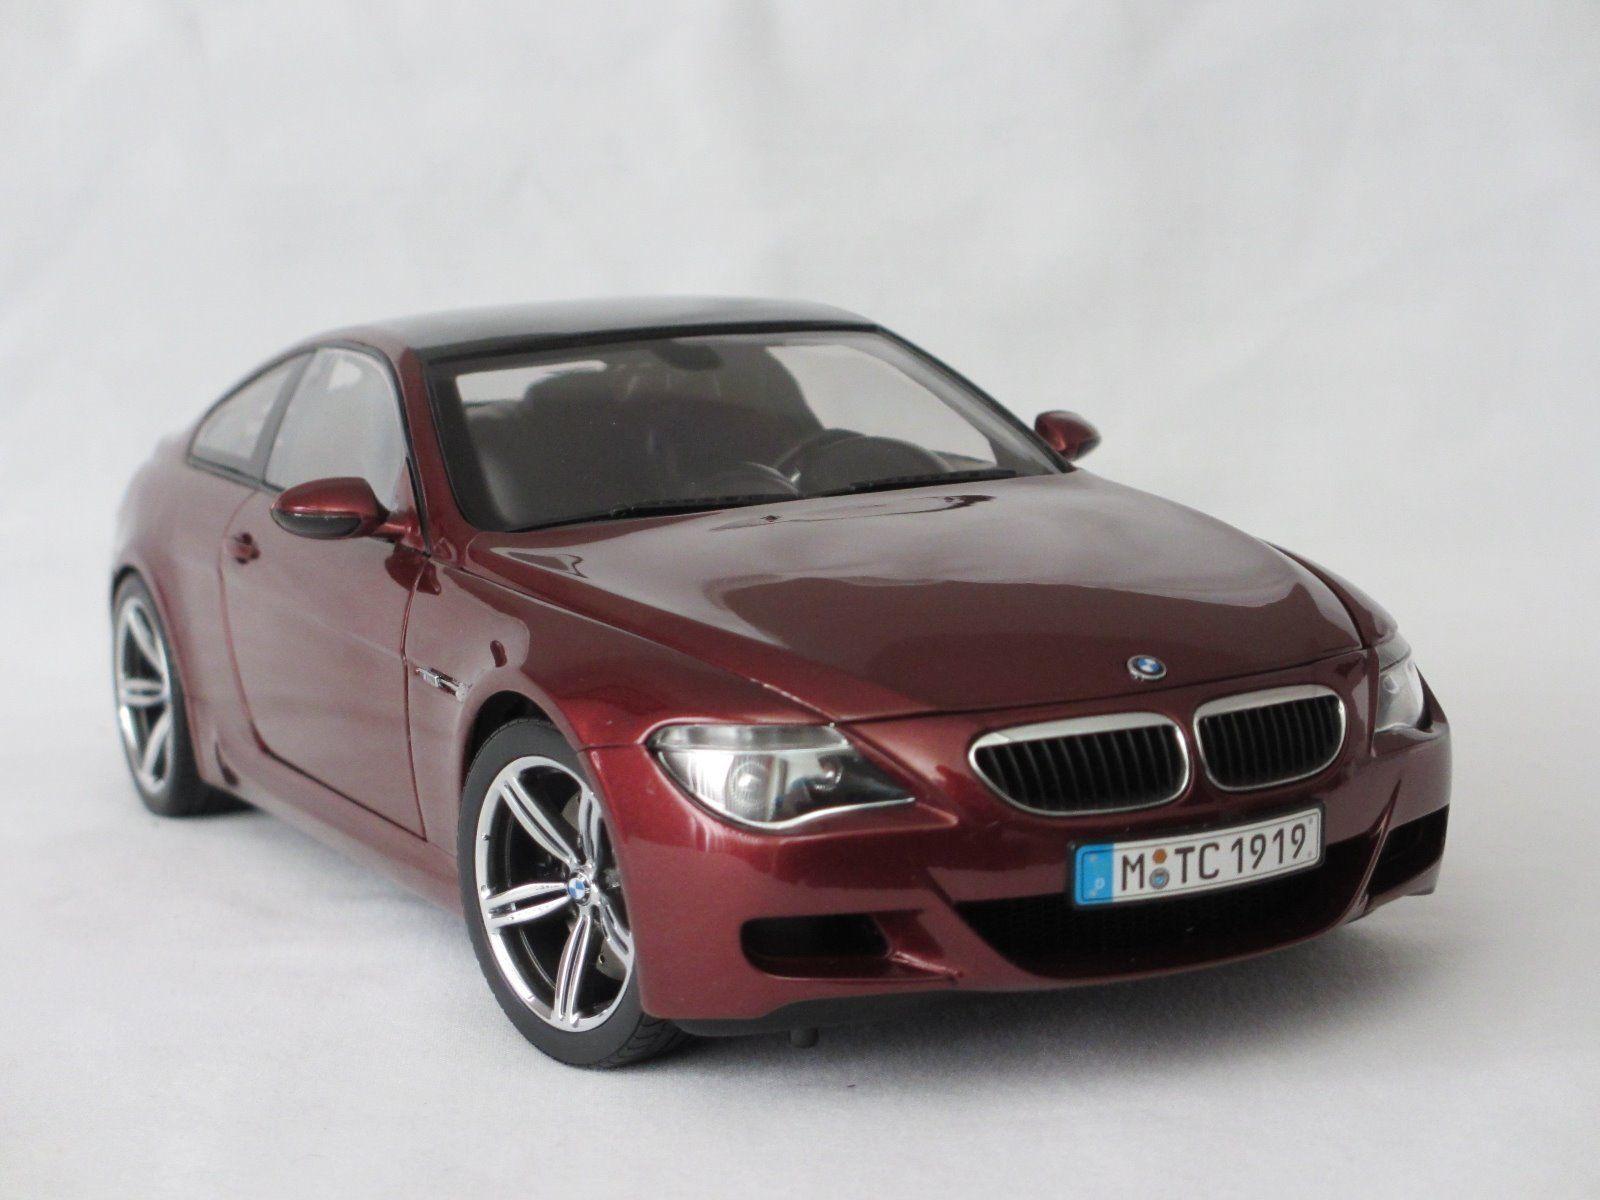 1 18 Kyosho  BMW M6 E63 Dealer Edition rouge voiturebon Fiber  80430398134 - Rarity  Réponses rapides